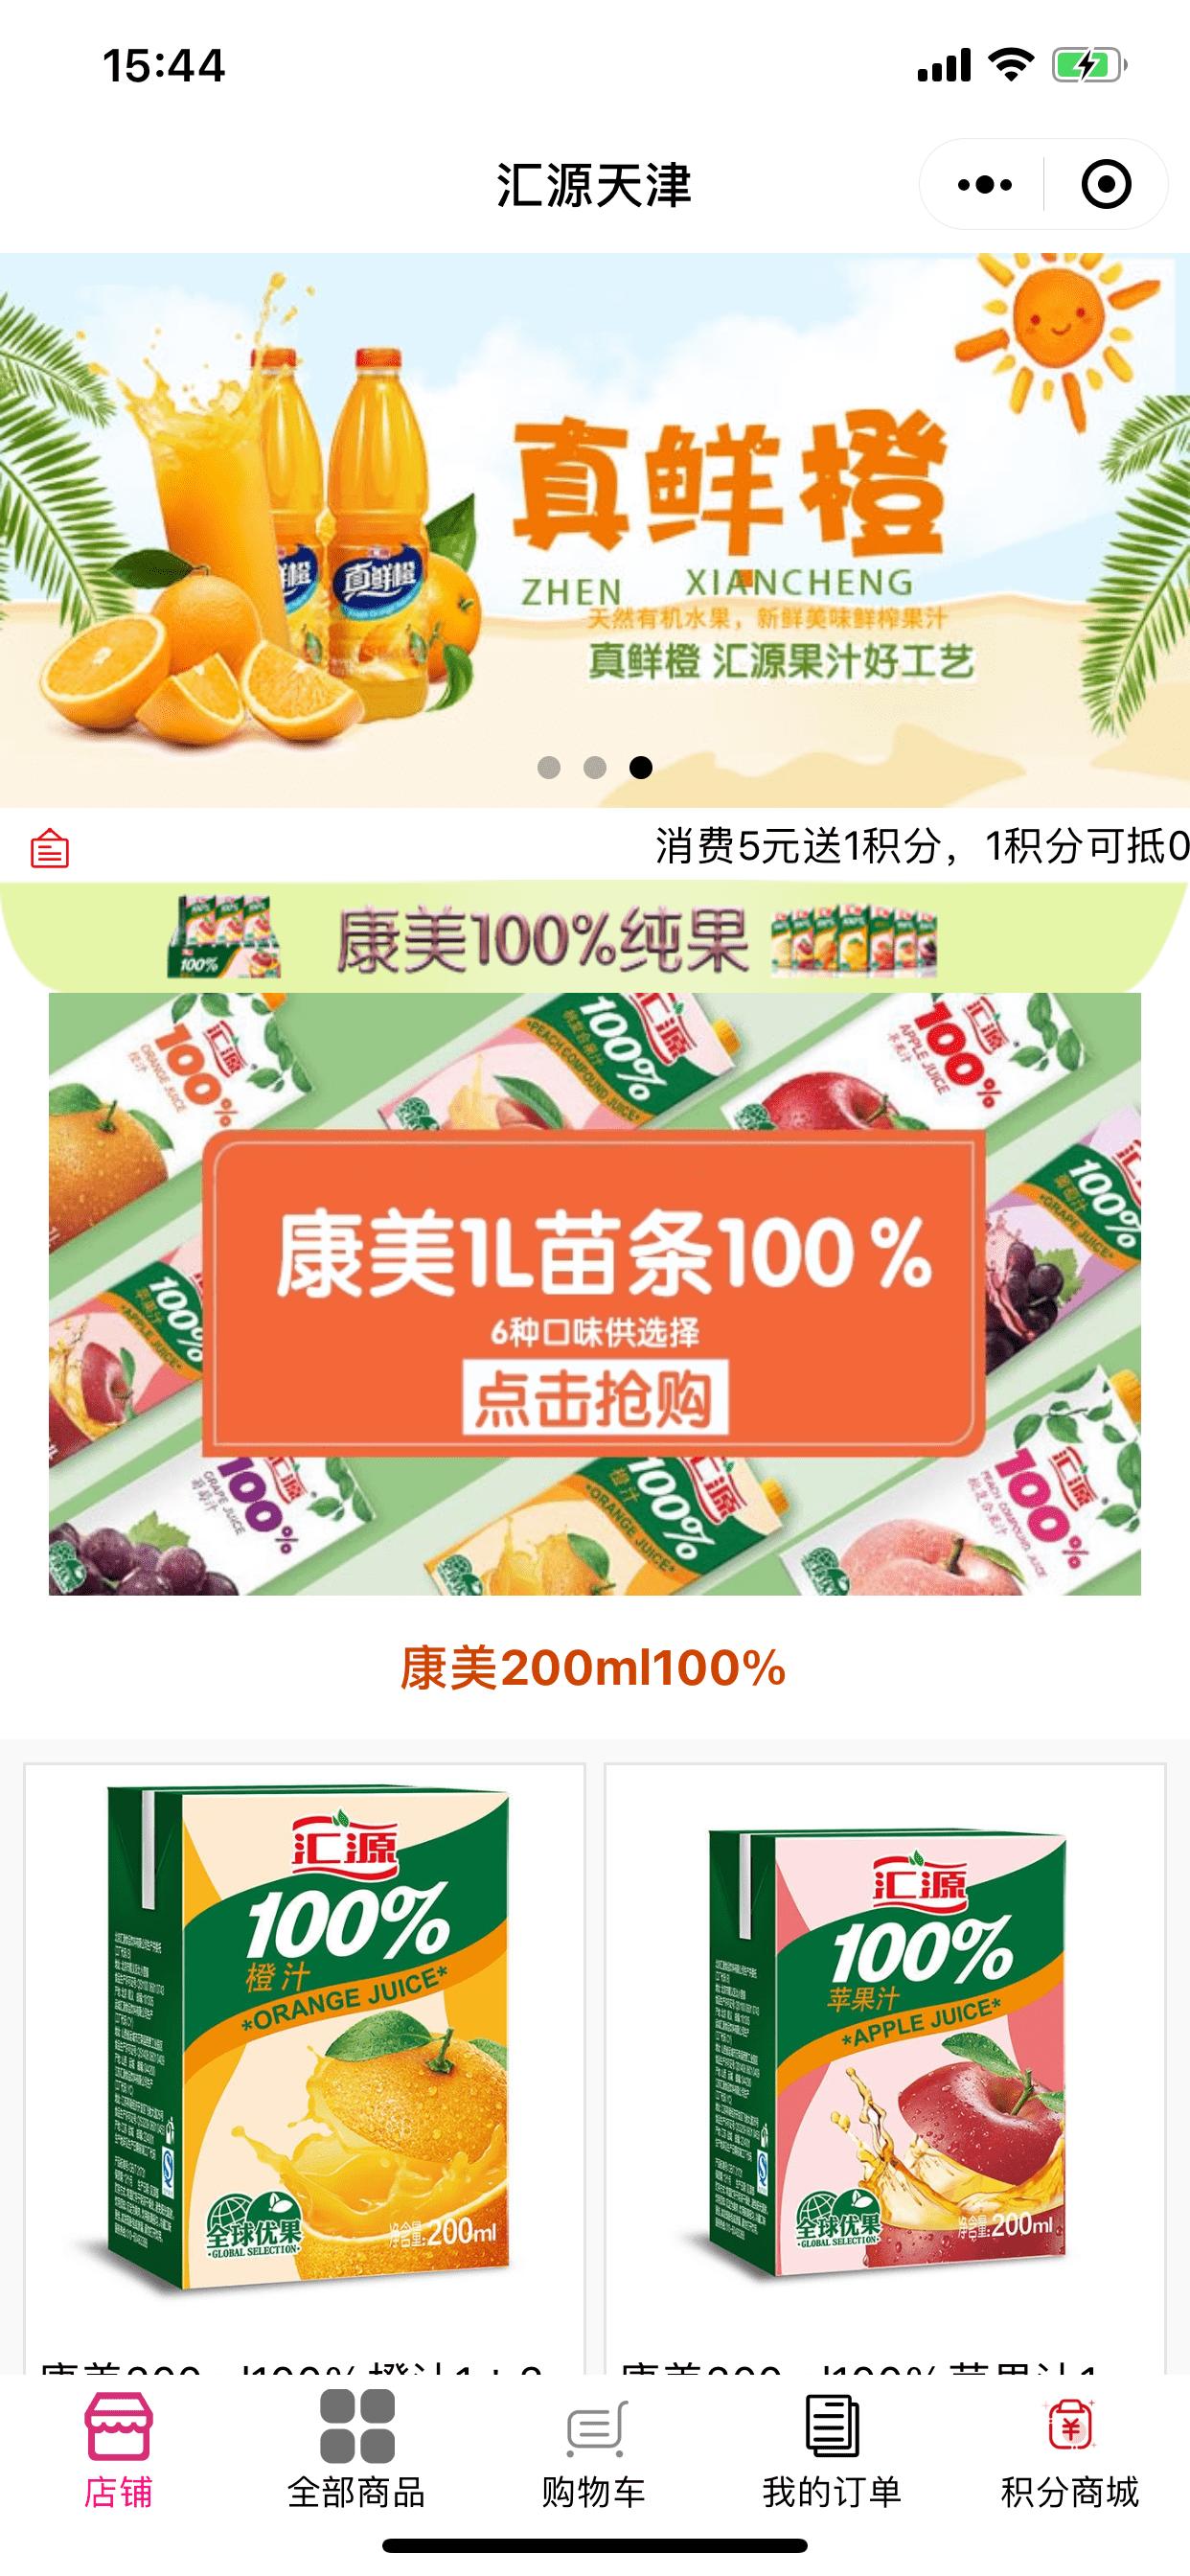 微信匯源天津小程序效果圖預覽